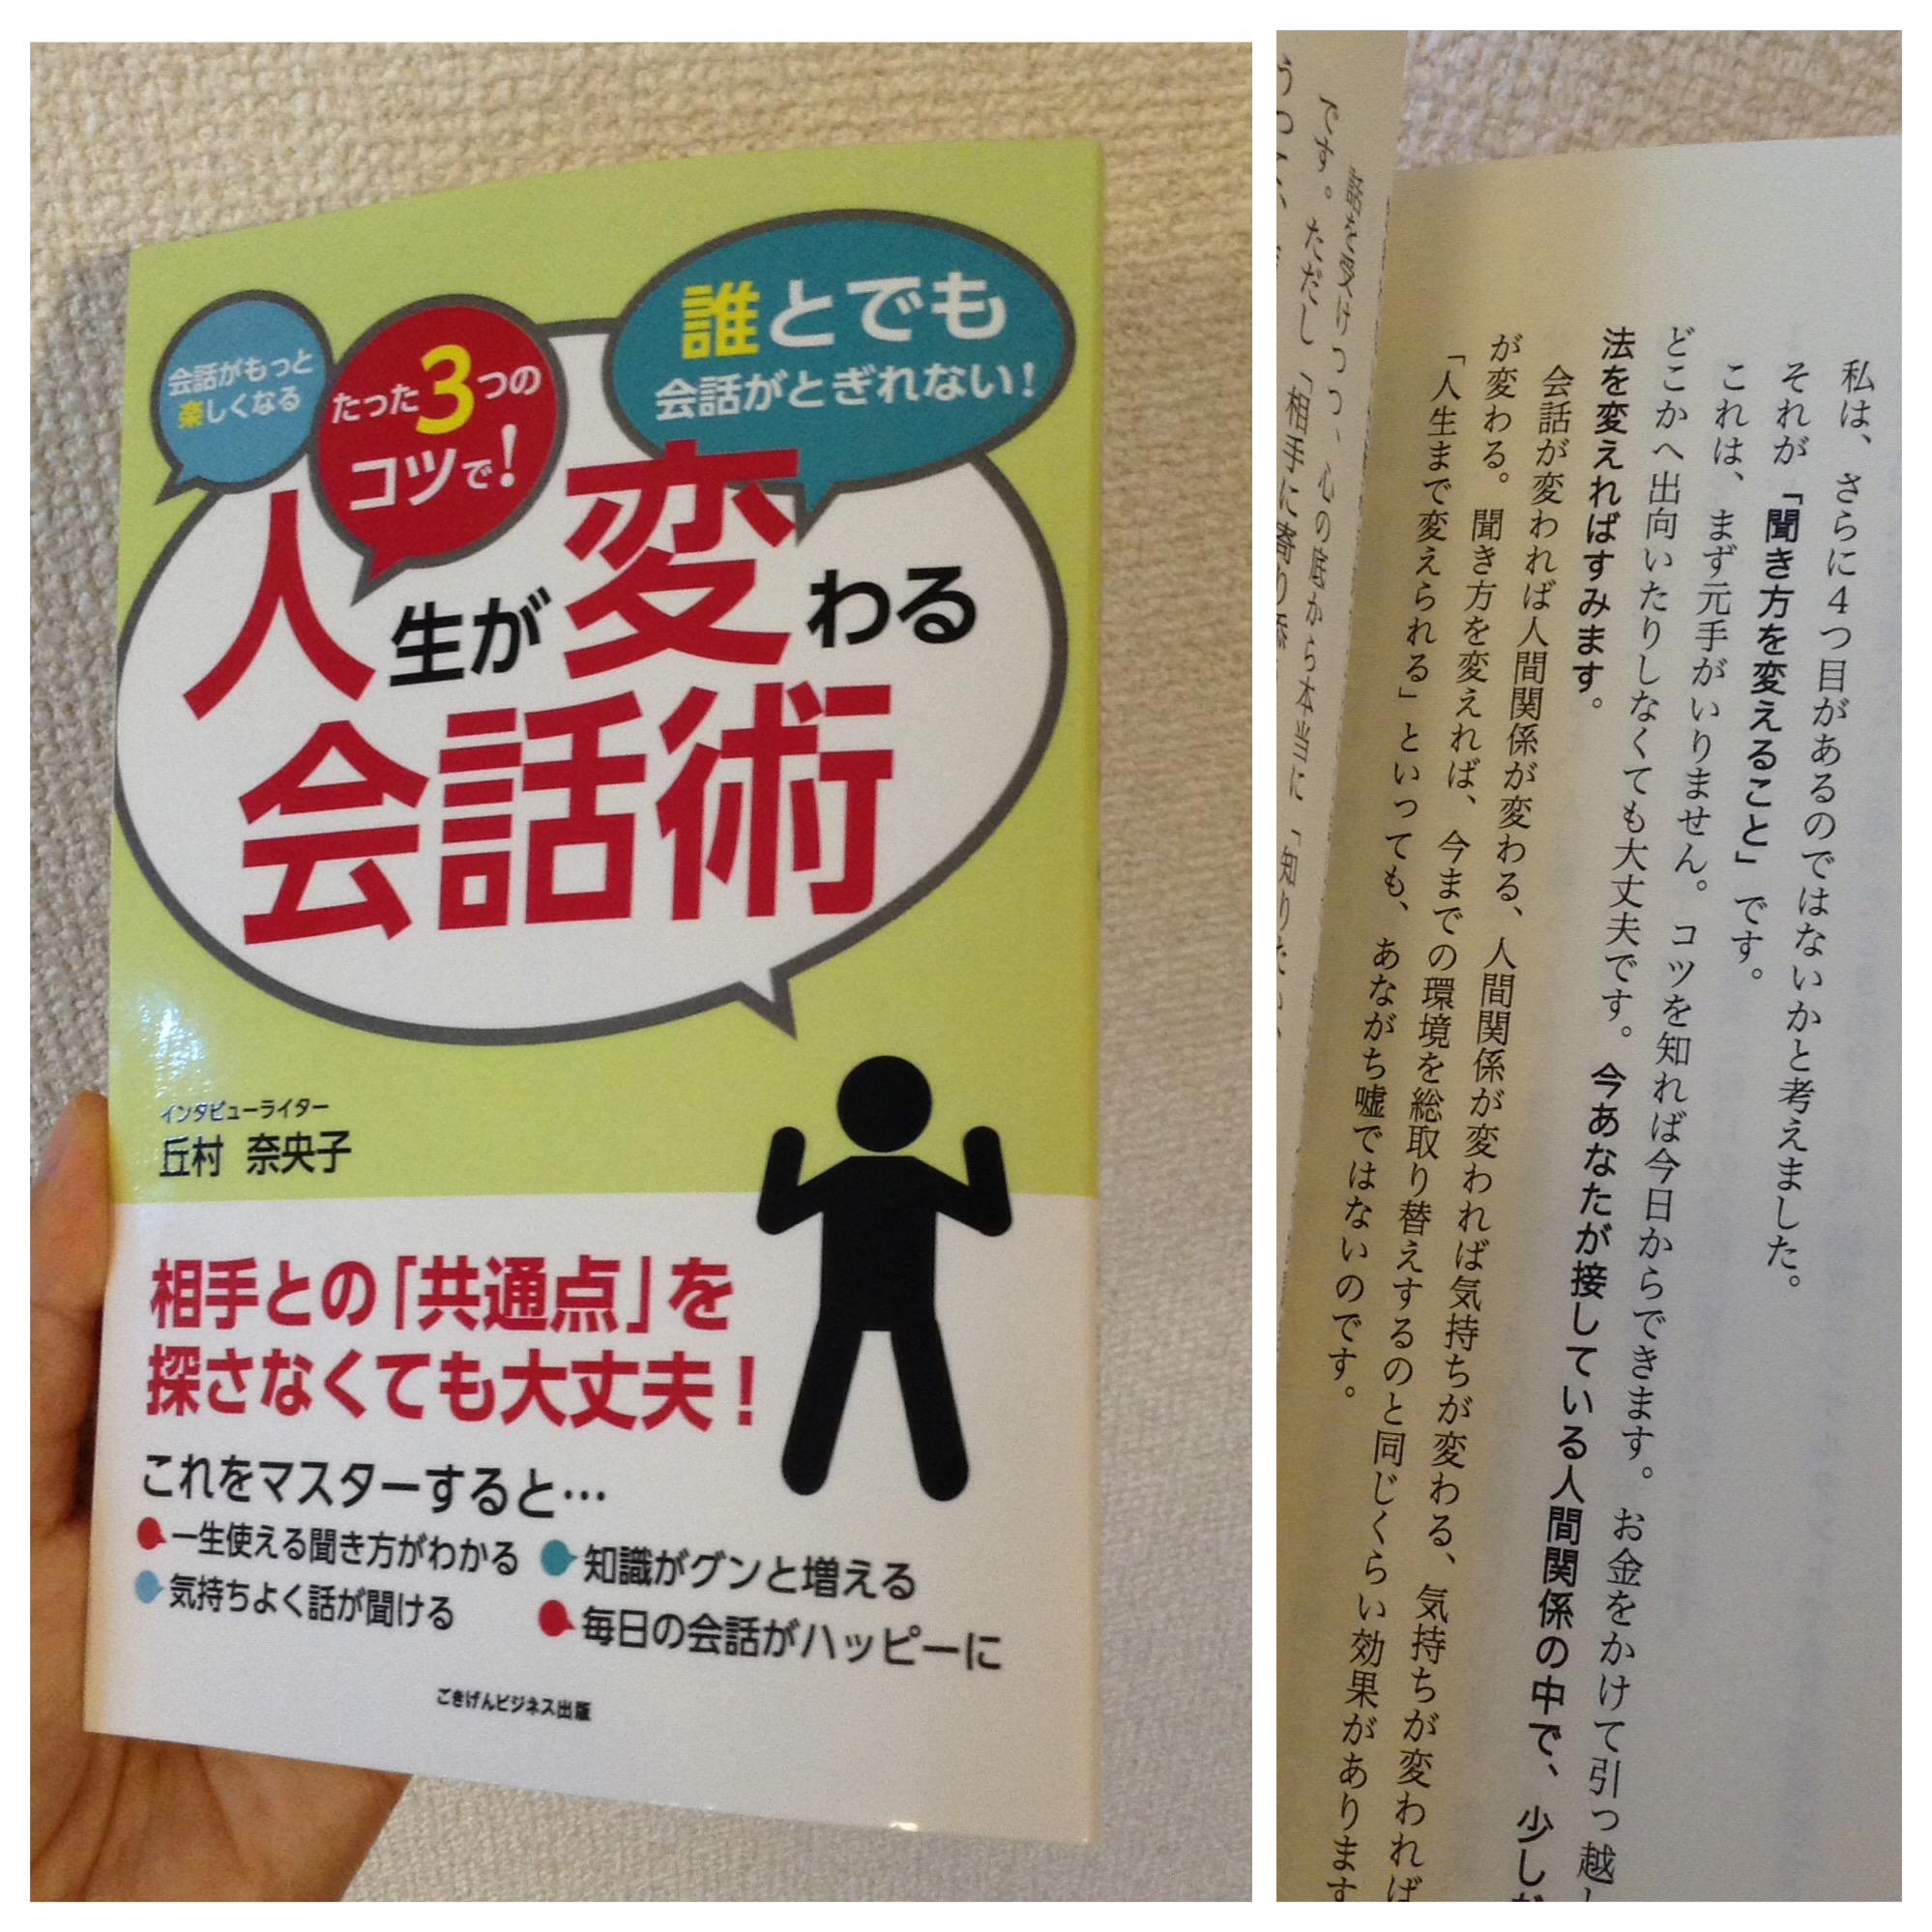 電子書籍『人生が変わる会話術』はこちらで購入できます